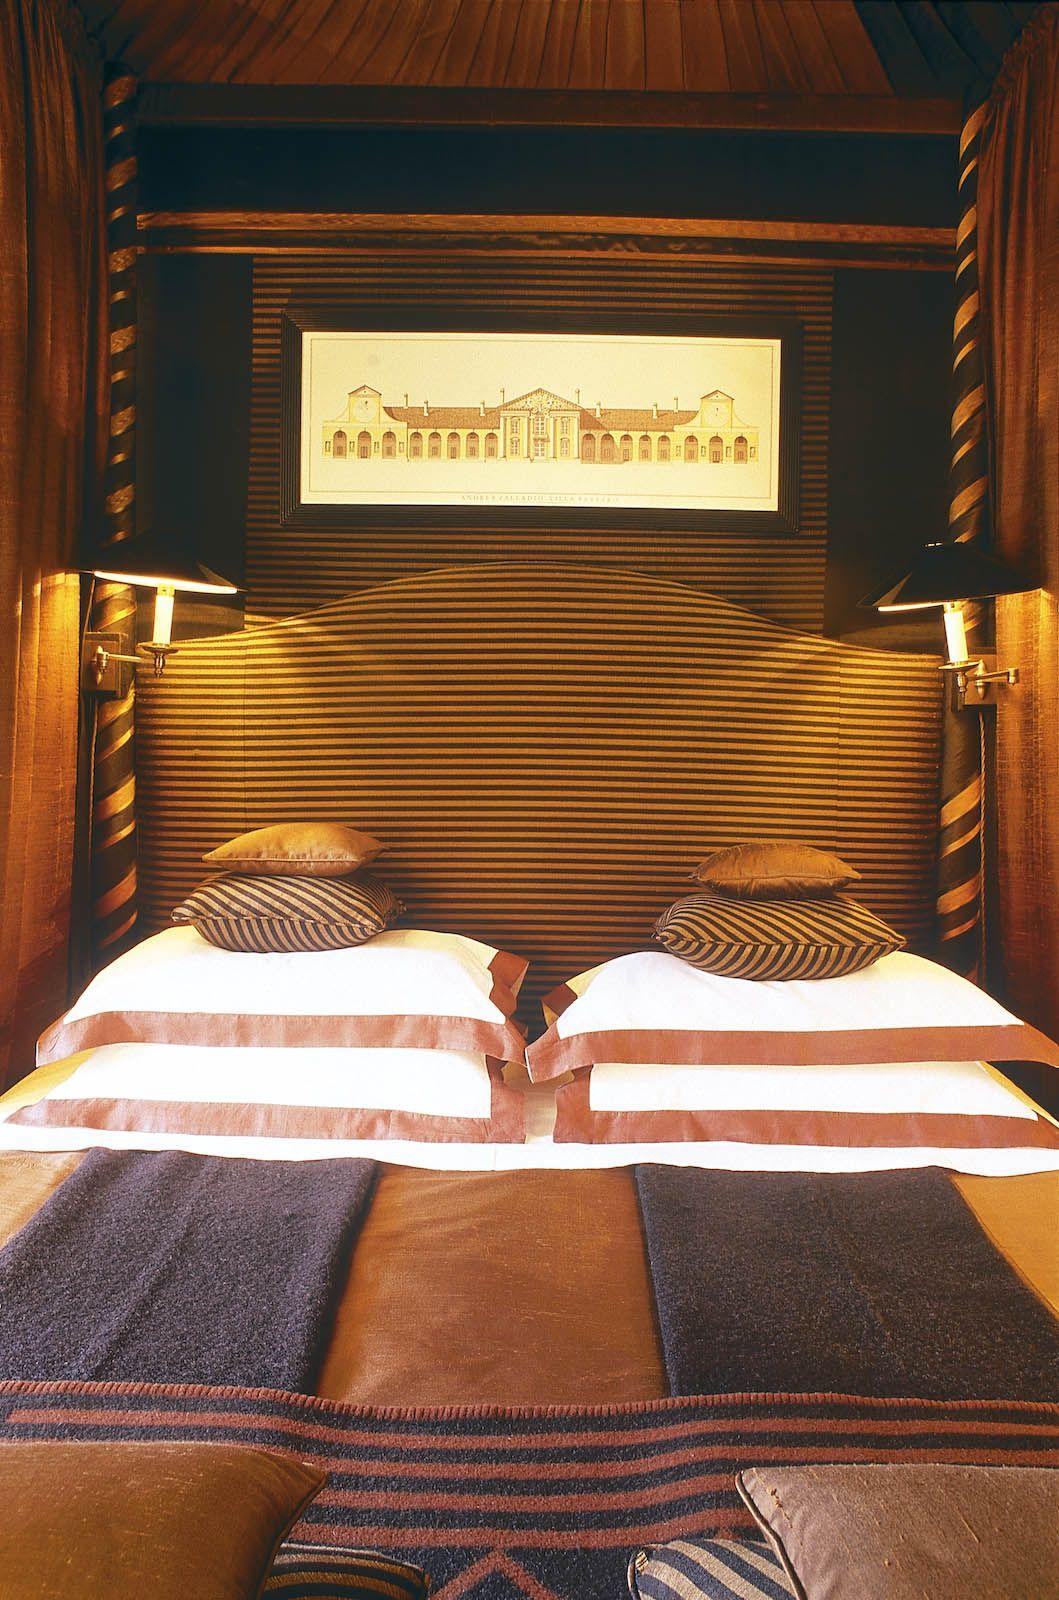 Innenarchitektur von schlafzimmermöbeln anouska hempel design  architects interior design landscapes